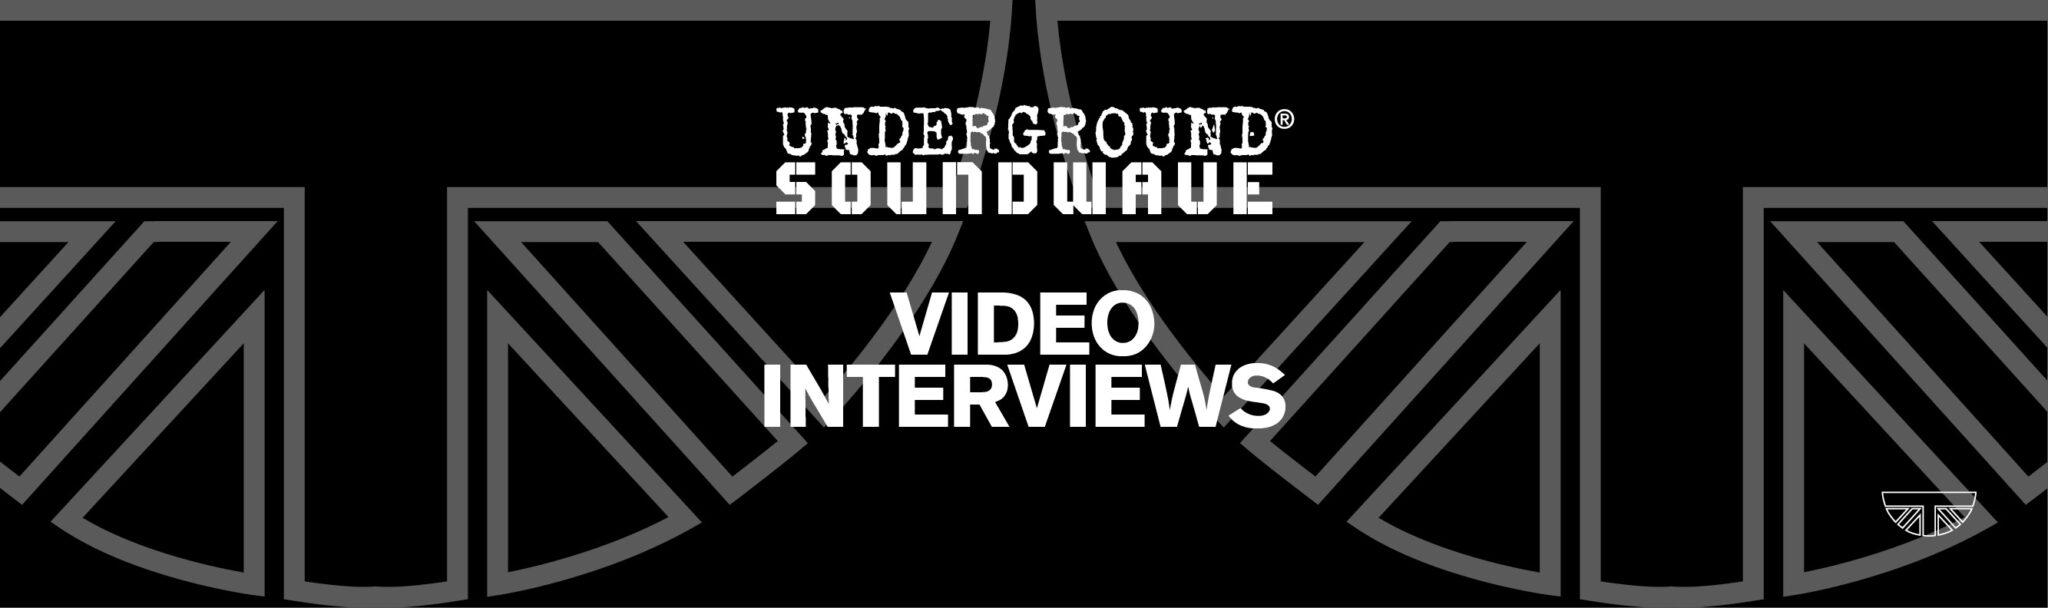 Underground Soundwave Video Interviews Banner